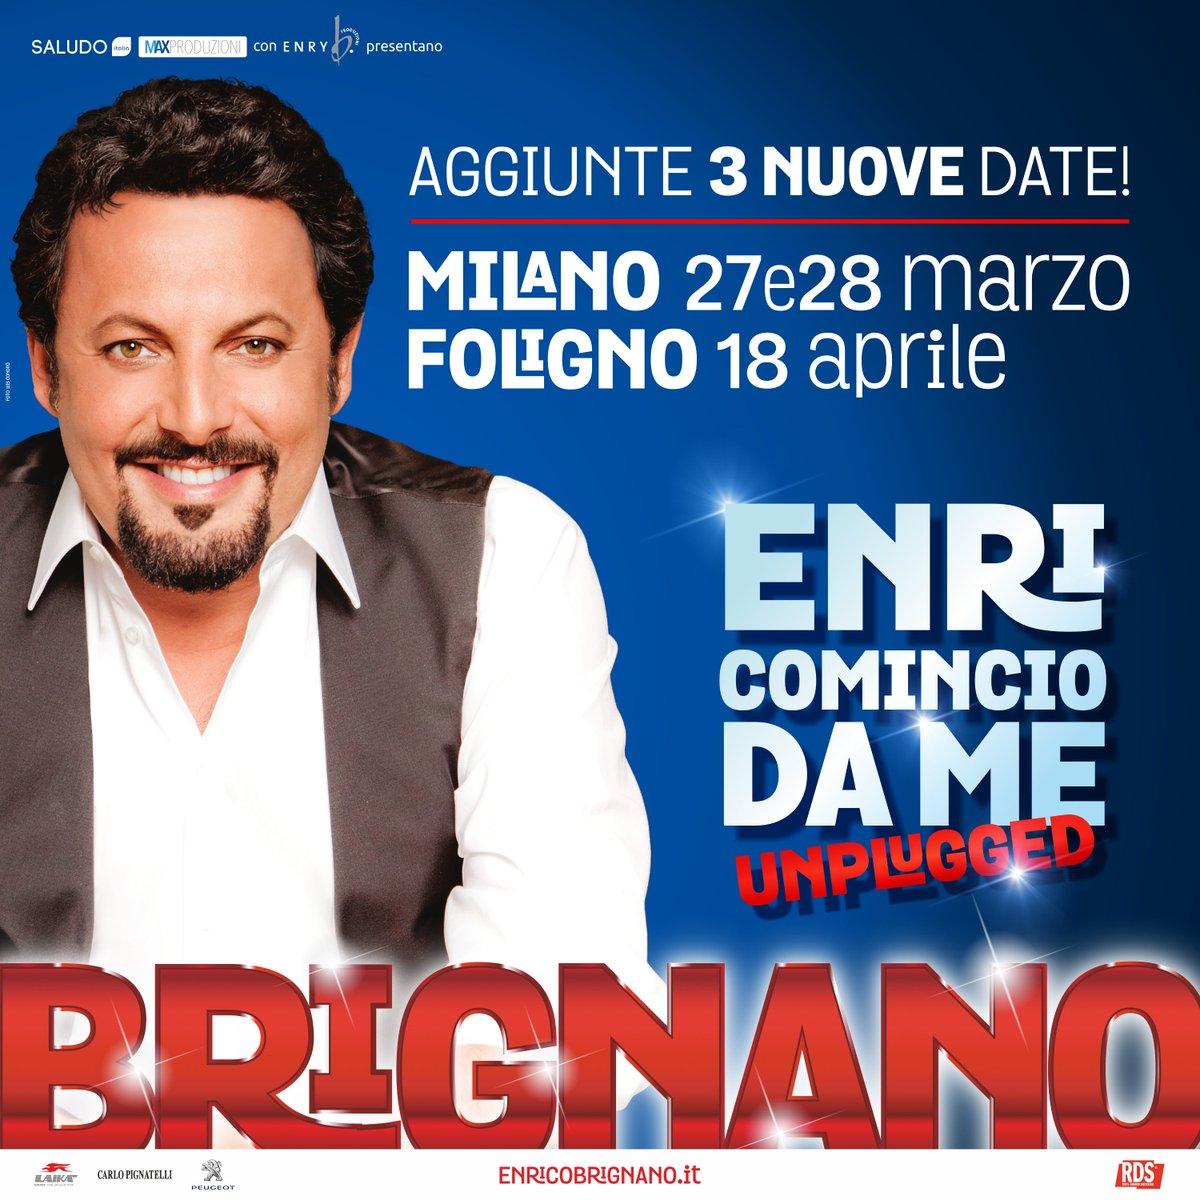 ! Nuove date per Milano e Foligno !  Info biglietti tour 2018 qui => https://t.co/7cAOt86qU8 https://t.co/gklsJqjaVp